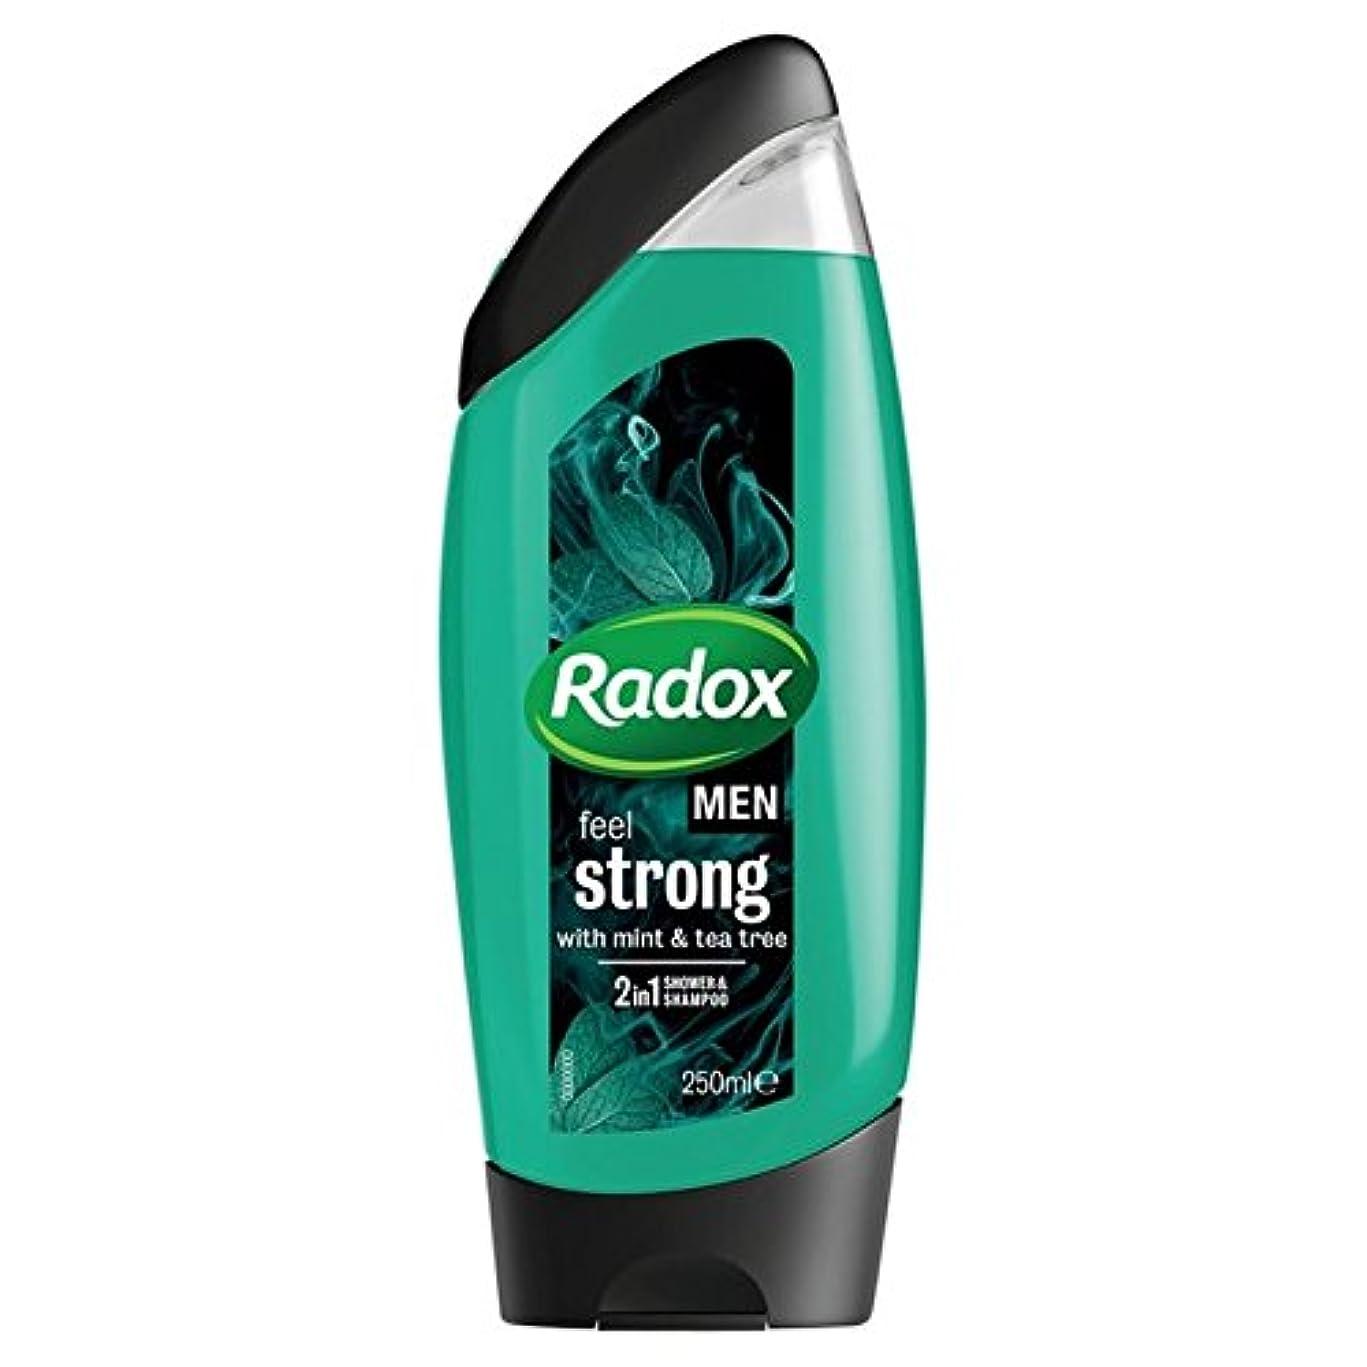 思いやりのある家庭教師スロットRadox Men Feel Strong Mint & Tea Tree 2in1 Shower Gel 250ml - 男性は、強力なミント&ティーツリーの21のシャワージェル250ミリリットルを感じます [並行輸入品]